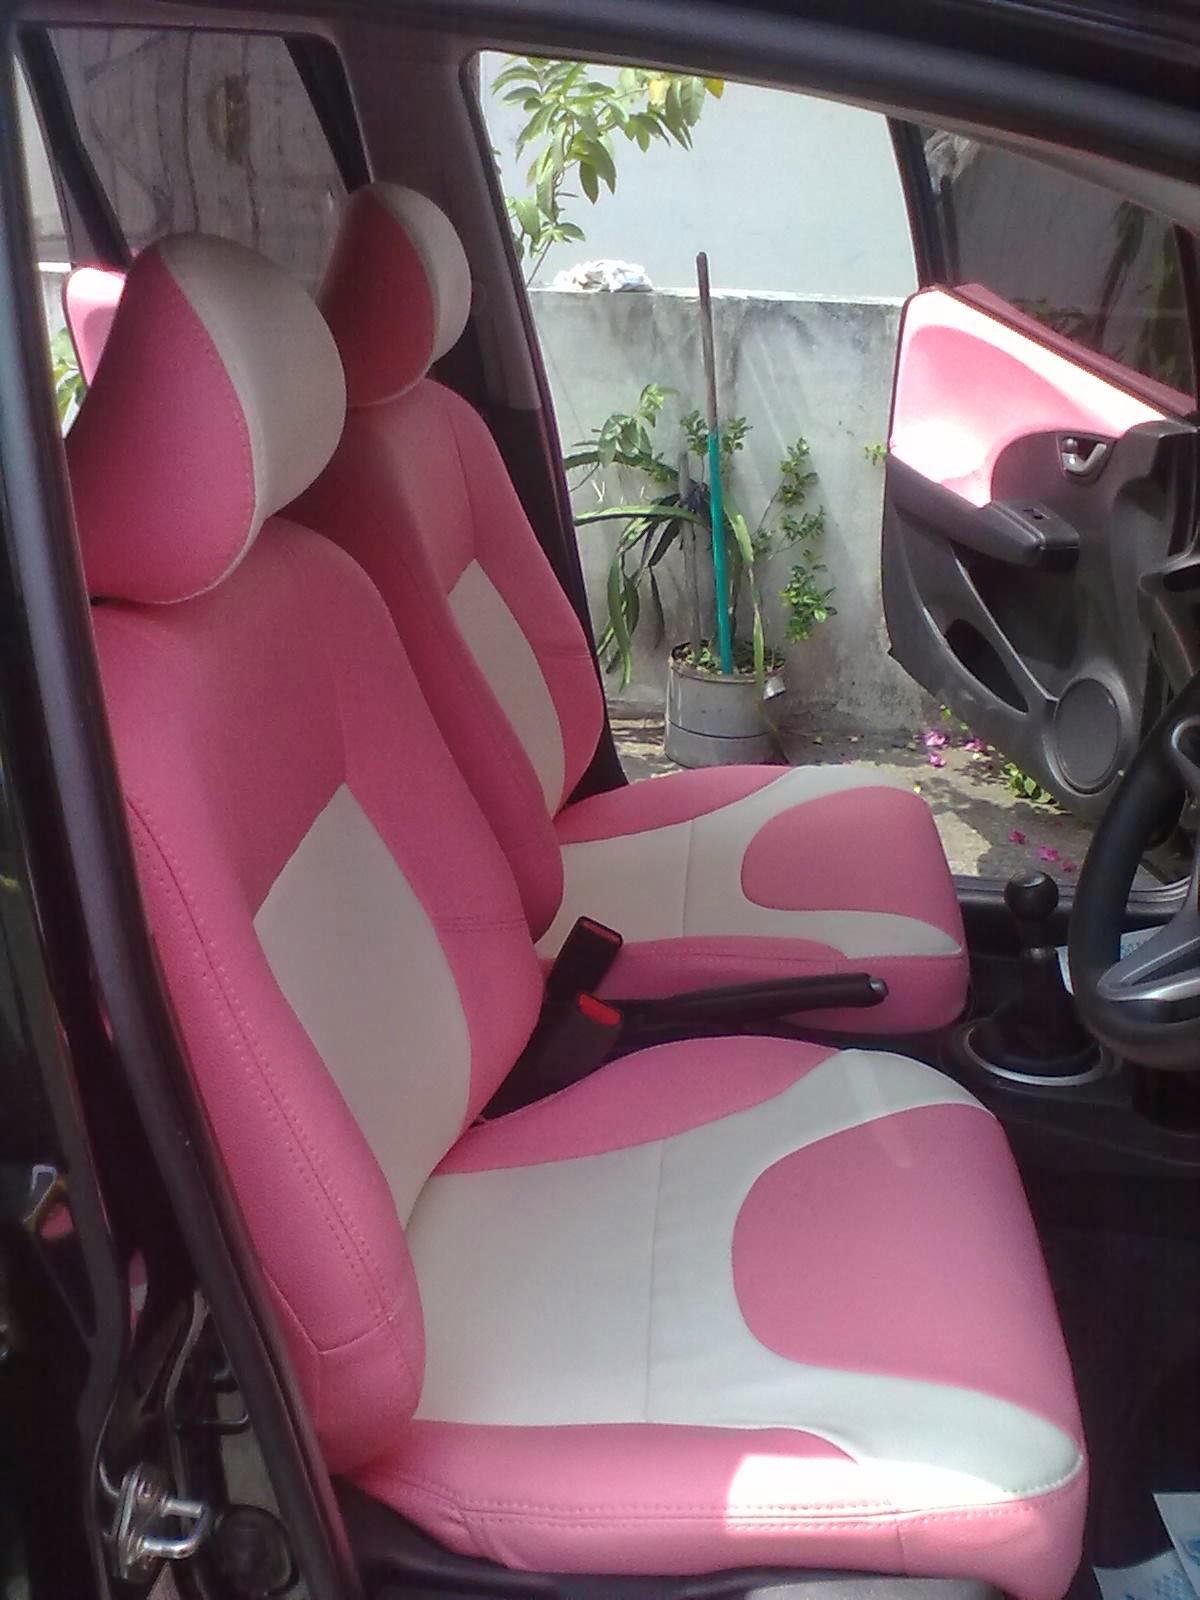 Modif Jok Mobil Honda Brio Warna Merah Gambar Foto Terbaru